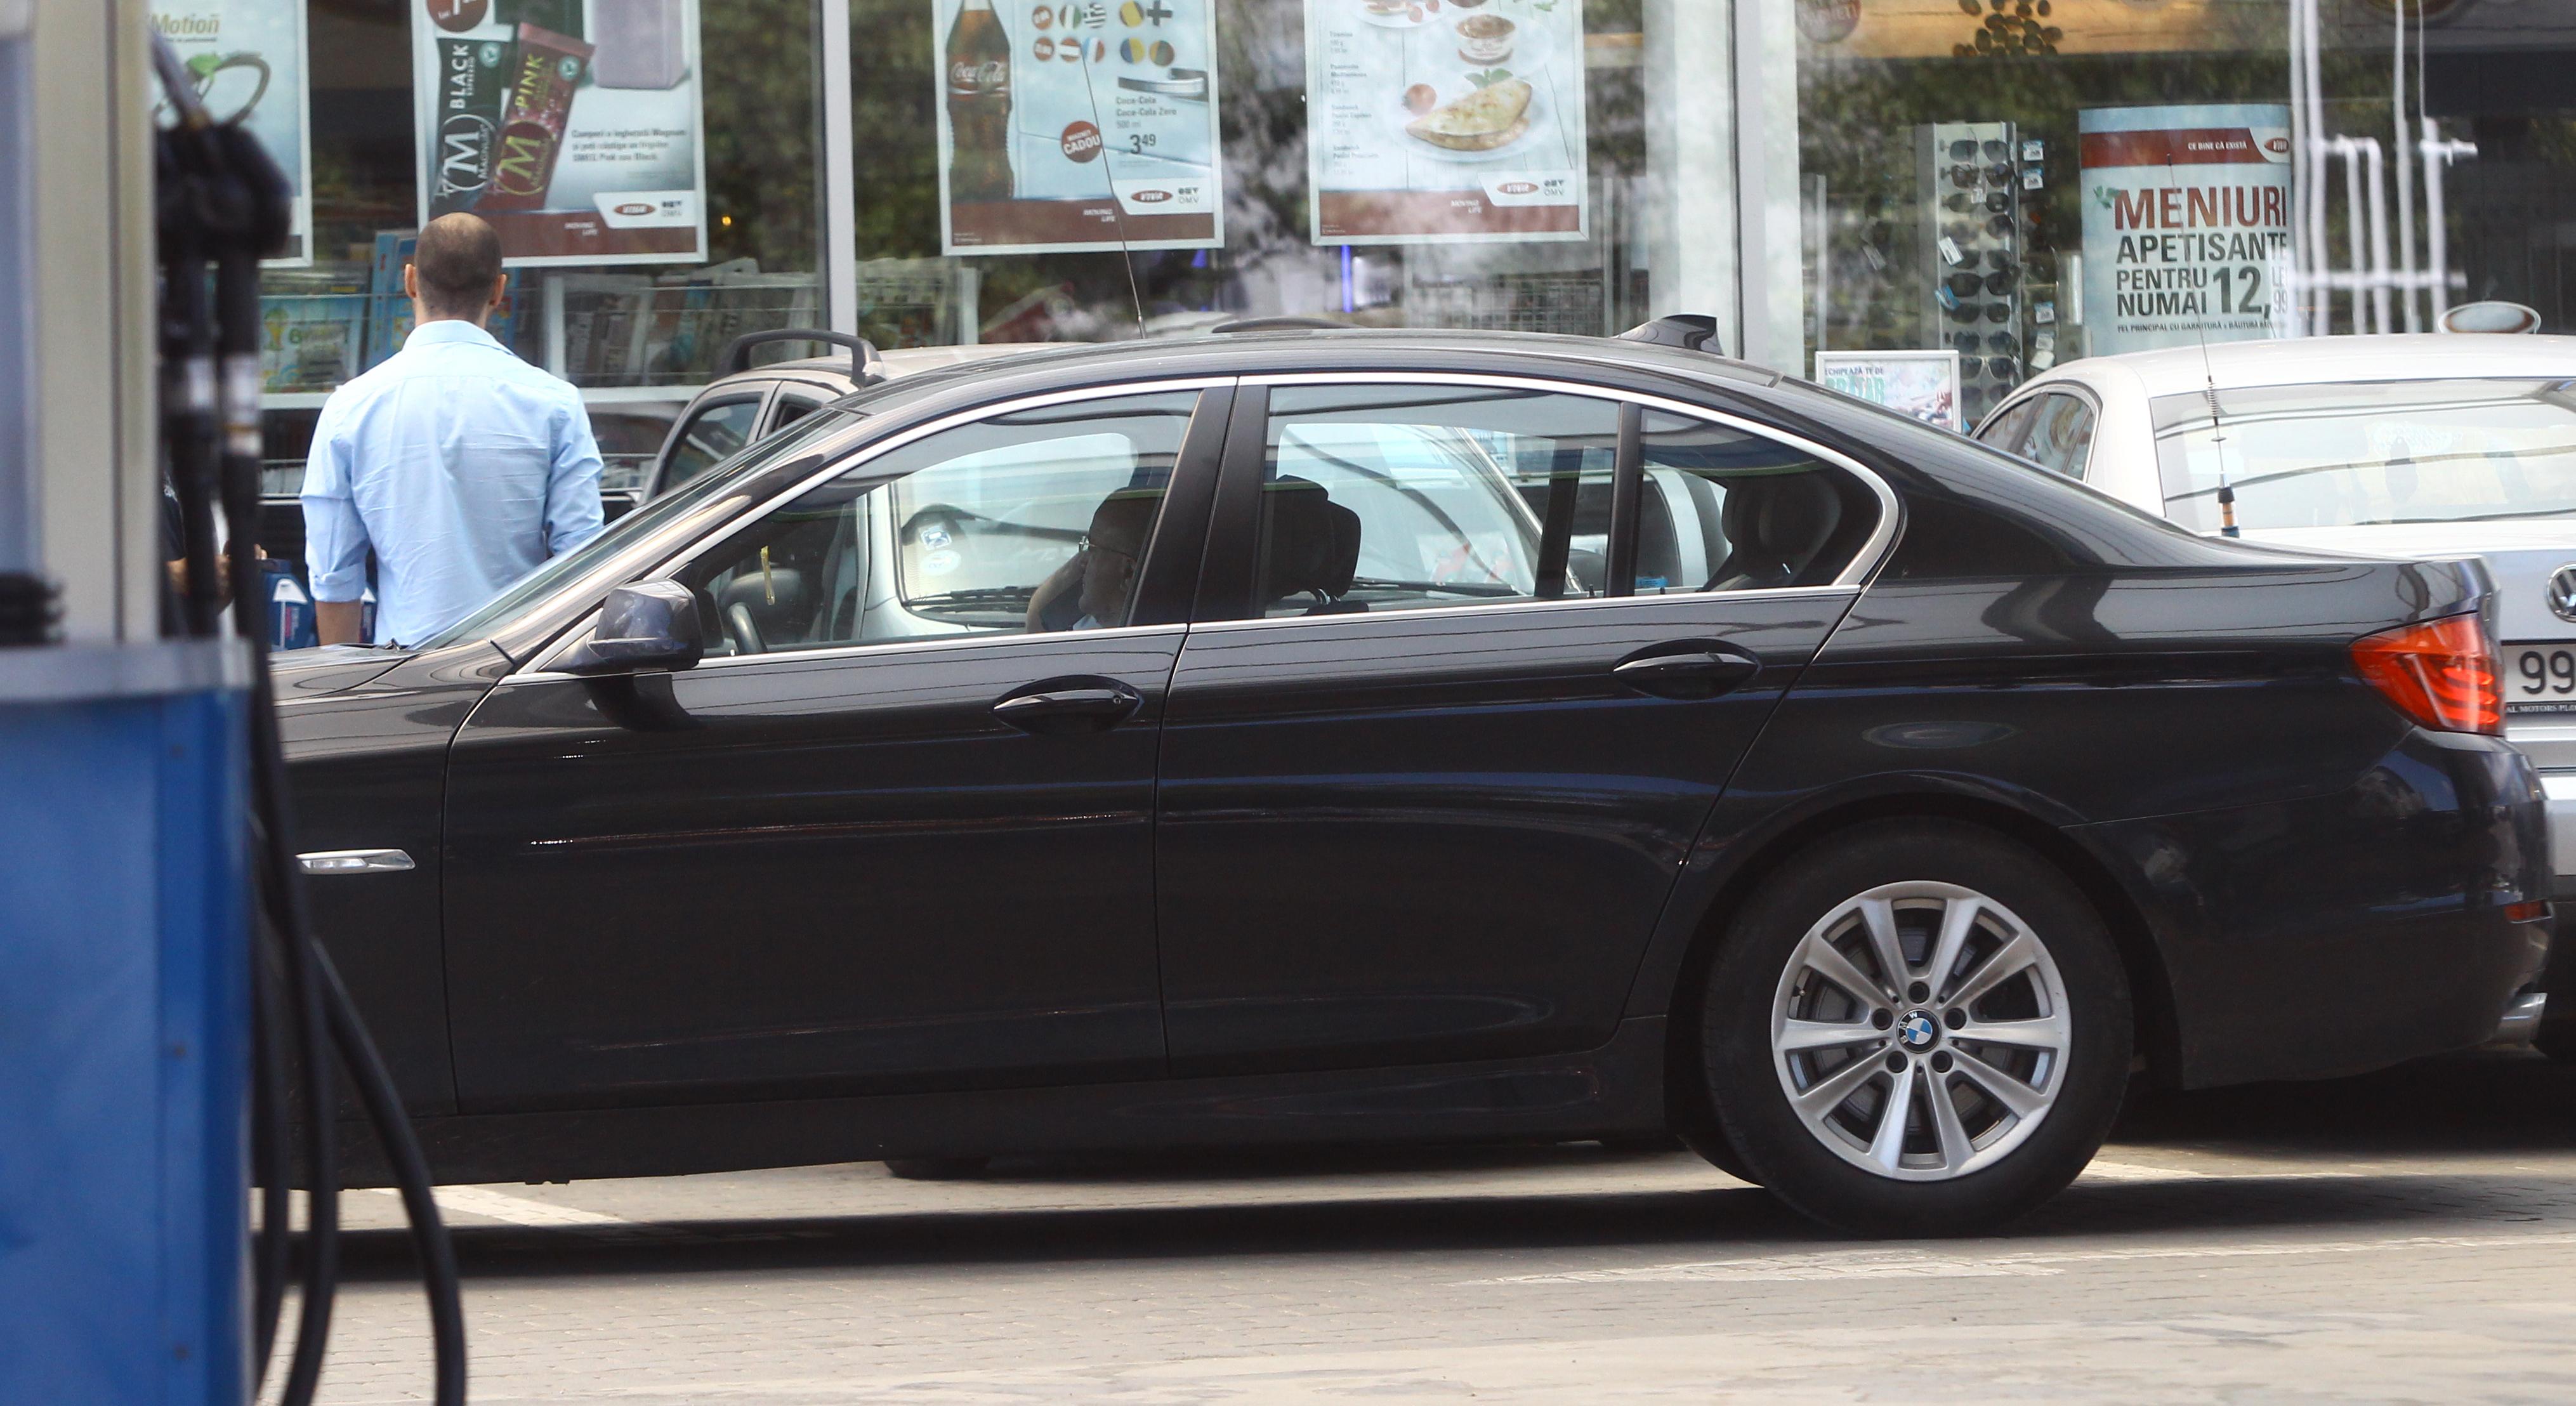 Axinte seta linistit pe locul din dreapta, in timp ce soferul ii conduce luxosul autoturism